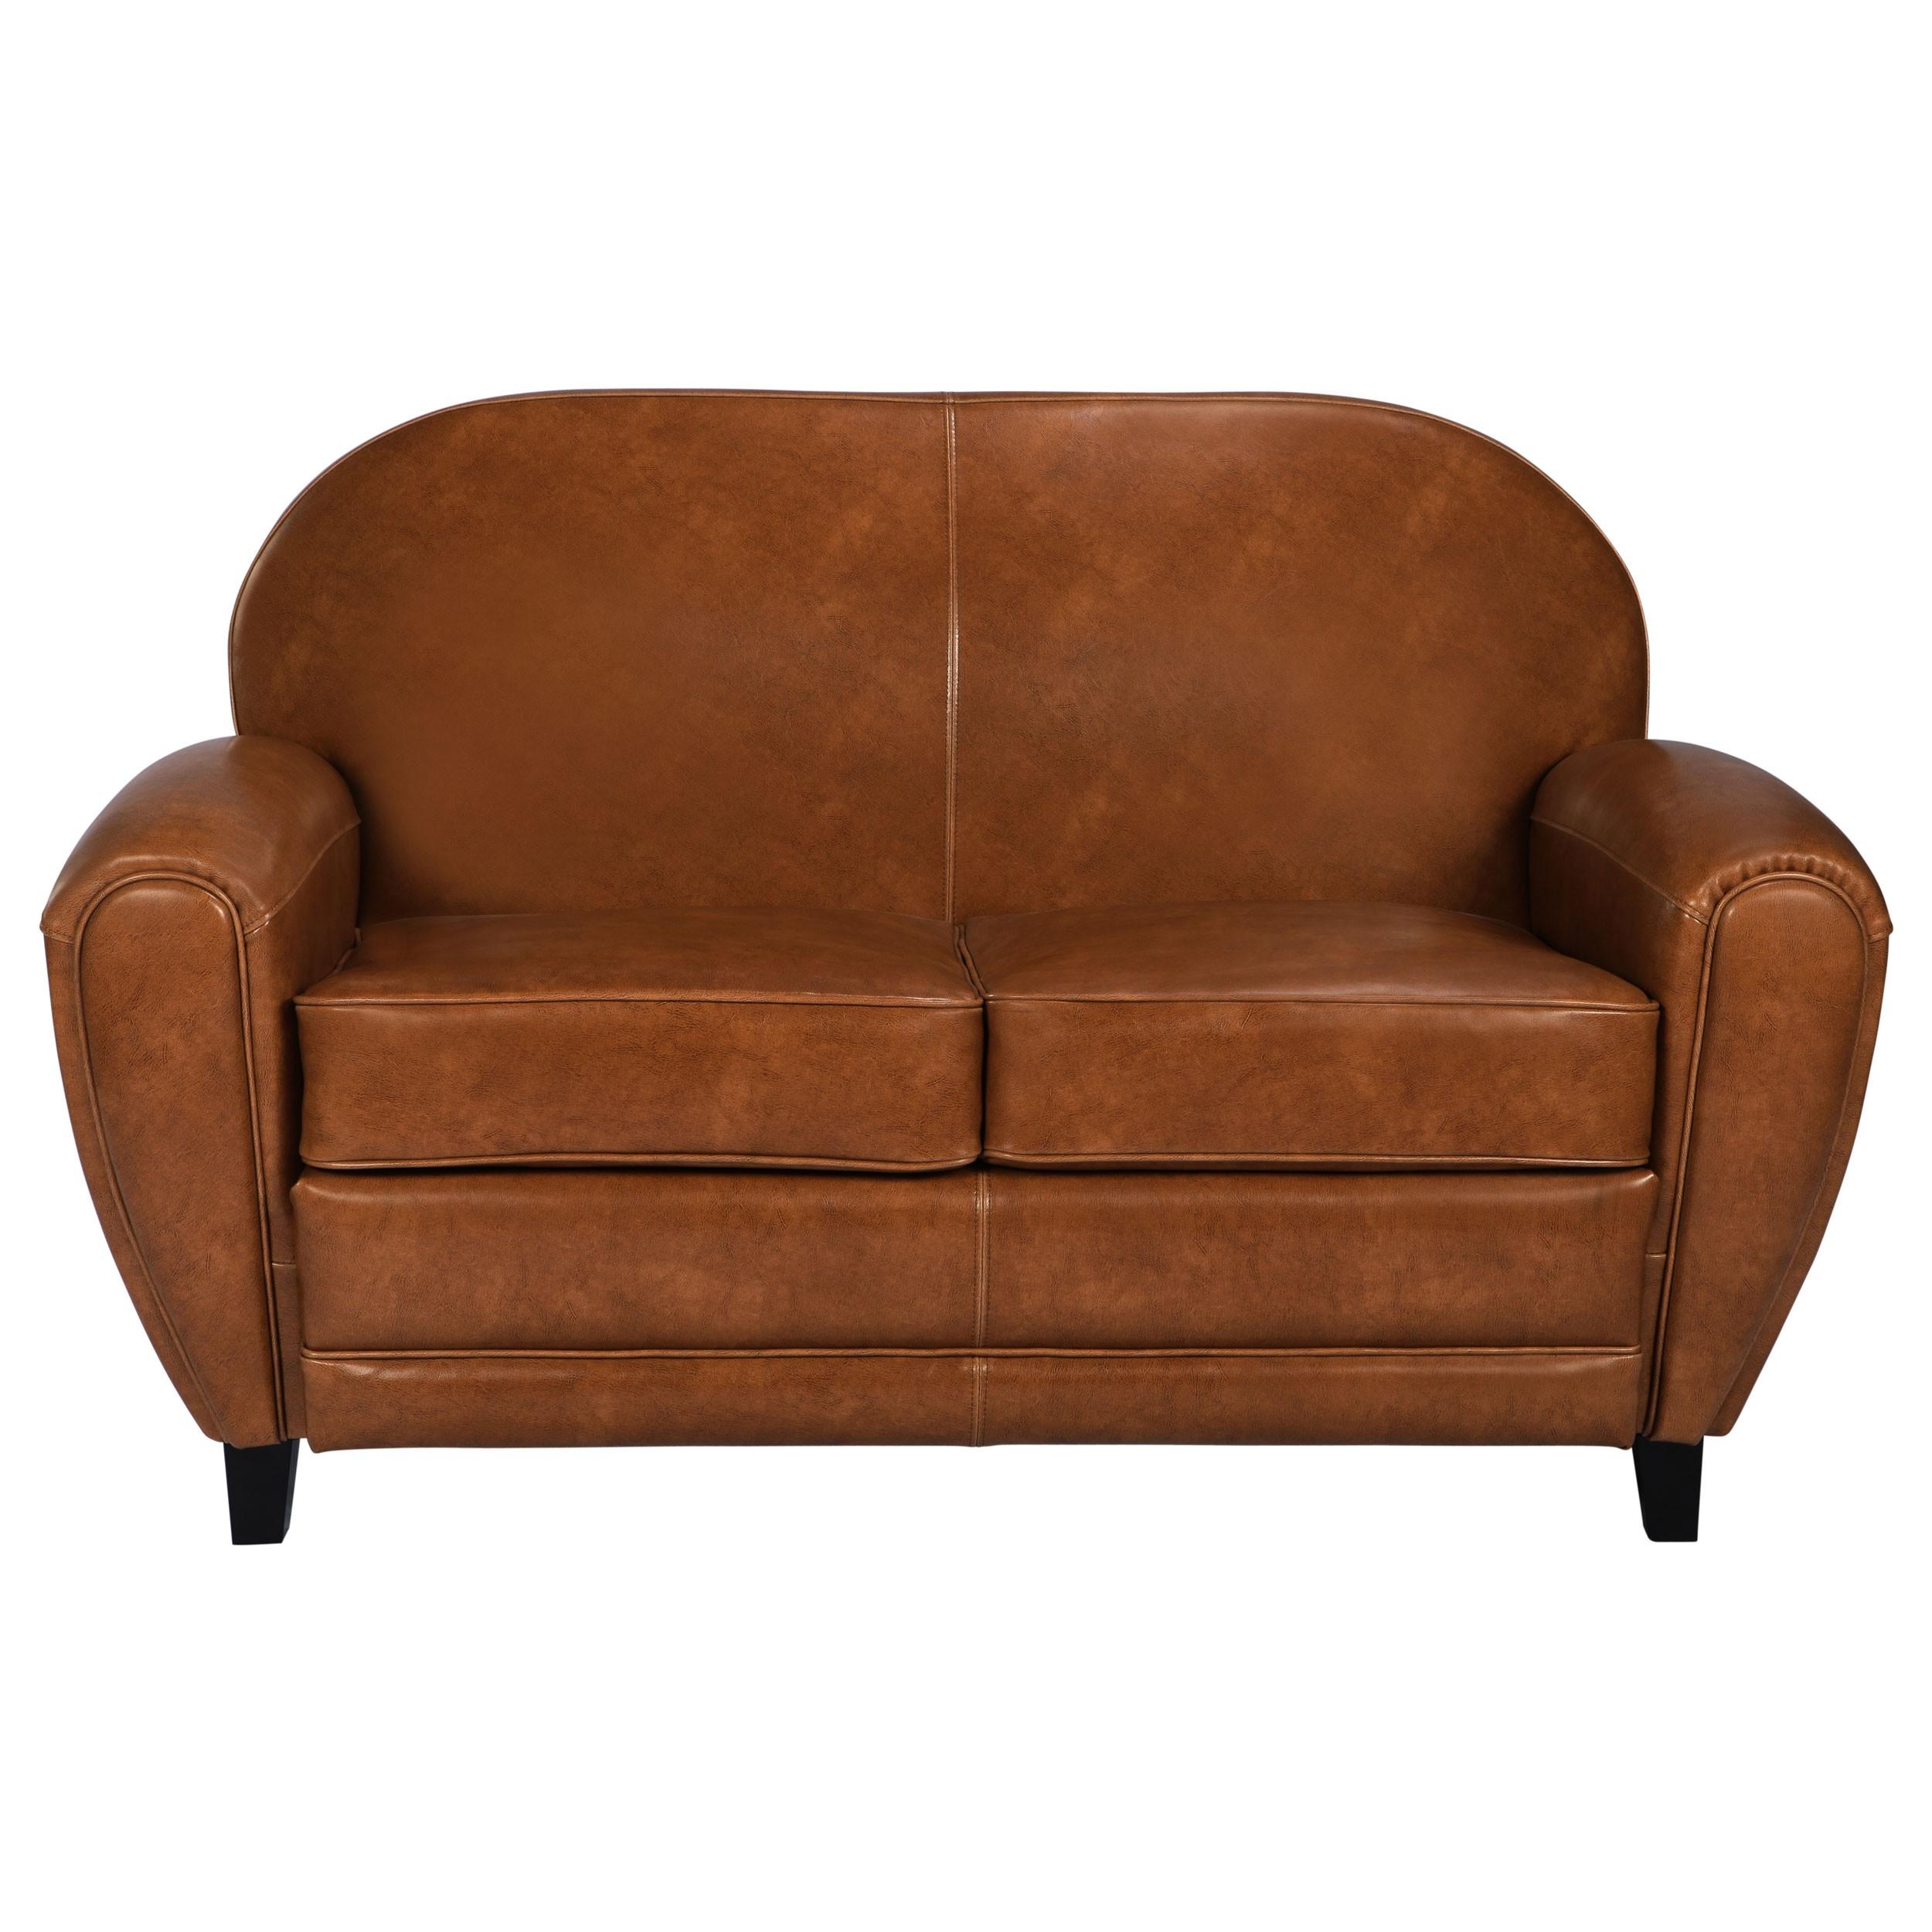 acheter un canap en cuir achat canape lit acheter banquette lit pas cher u pour acheter canap d. Black Bedroom Furniture Sets. Home Design Ideas